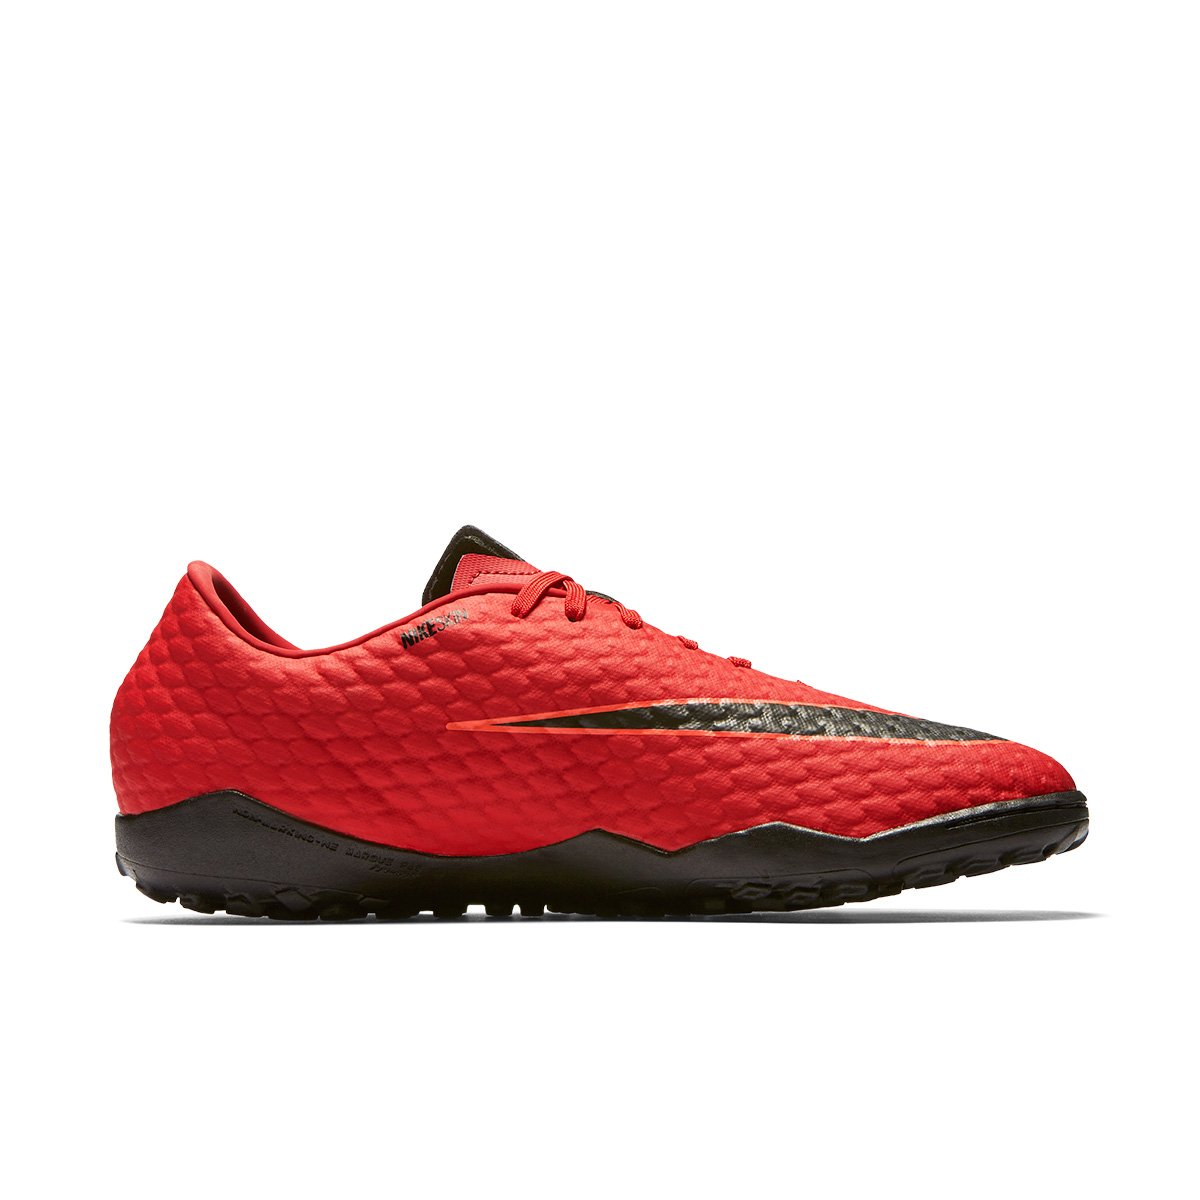 7095b57dec Chuteira Society Nike Hypervenom Phelon 3 TF - Vermelho e Preto ...